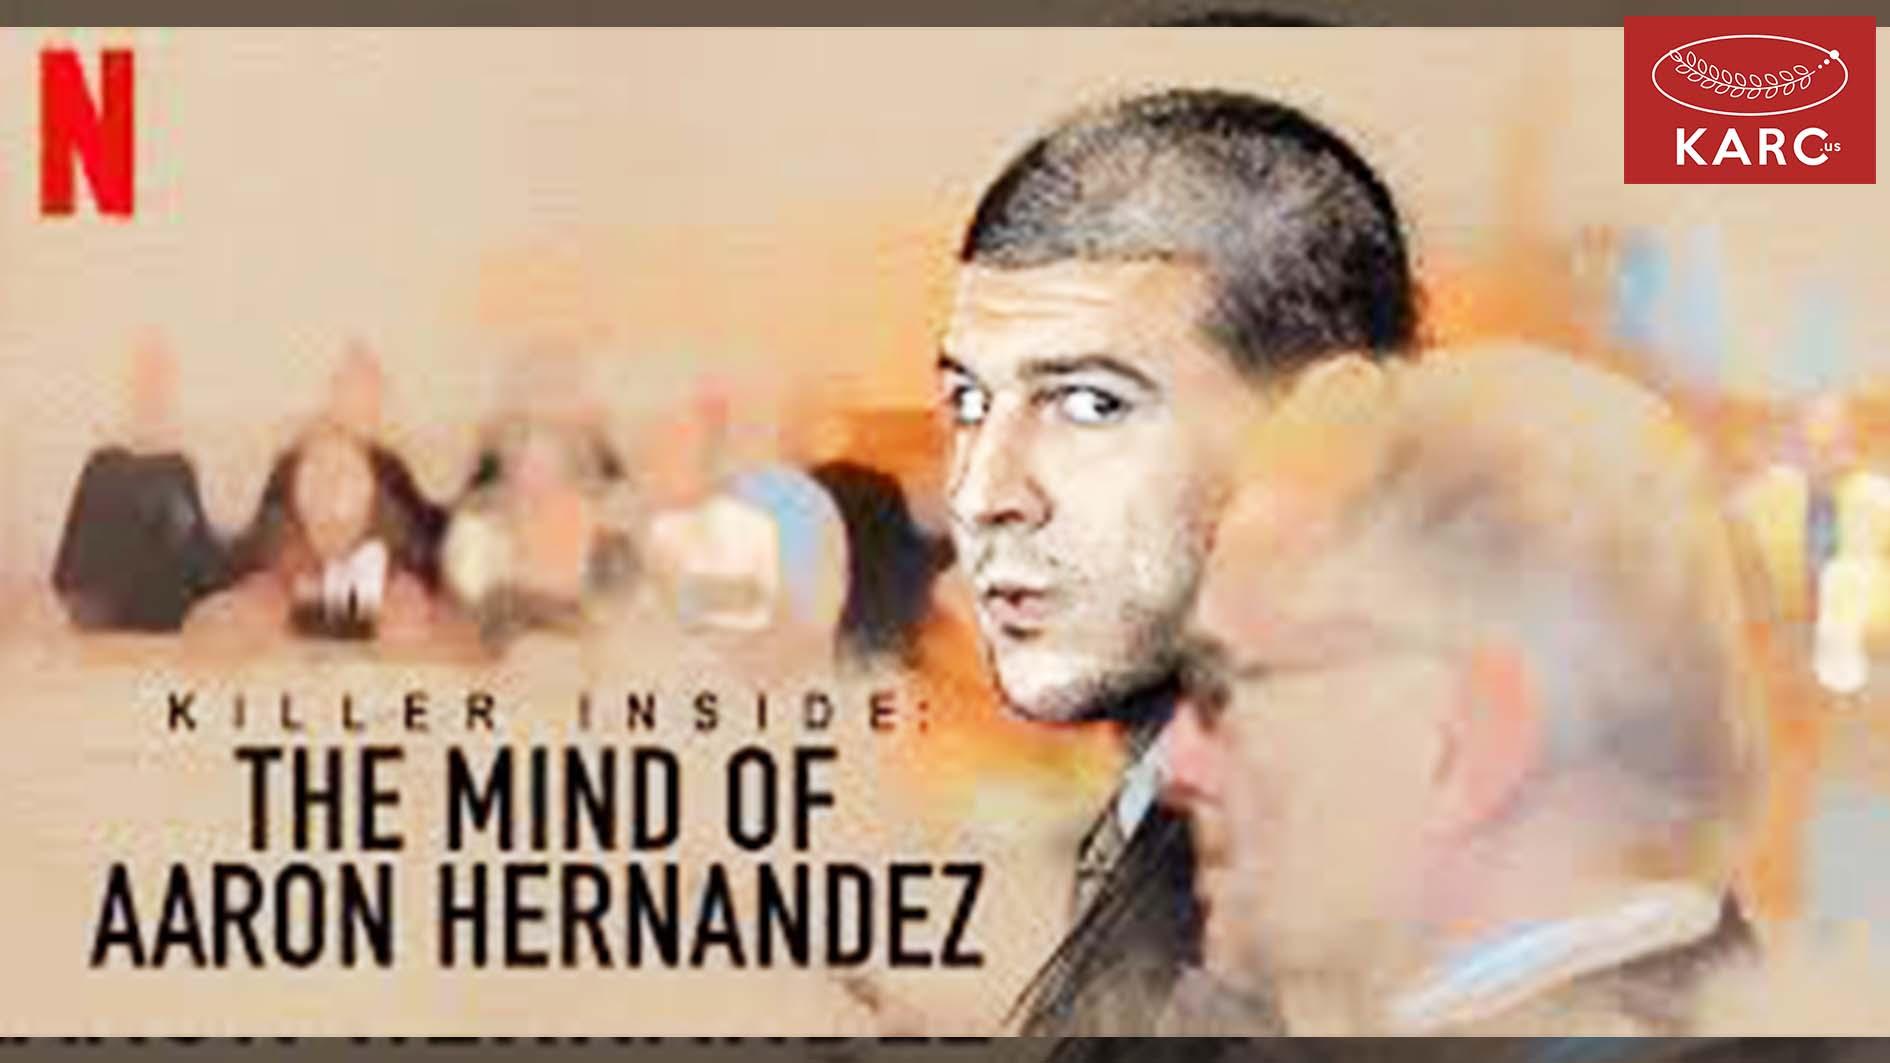 รีวิวซี่รี่ย์ Netflix Killer Inside The Mind of Aaron Hernandez ฆาตกรจากเรื่องจริง. karc.us , วงการภาพยนต์ , แนะนำหนังดี , แนะนำหนังน่าดูหนังน่าดู , รีวิวหนังใหม่ , ก่อนตายต้องได้ดู! , ข่าวดารา , ข่าวเด่นประเด็นร้อน , รีวิวหนังใหม่ , หนังดังในอดีต